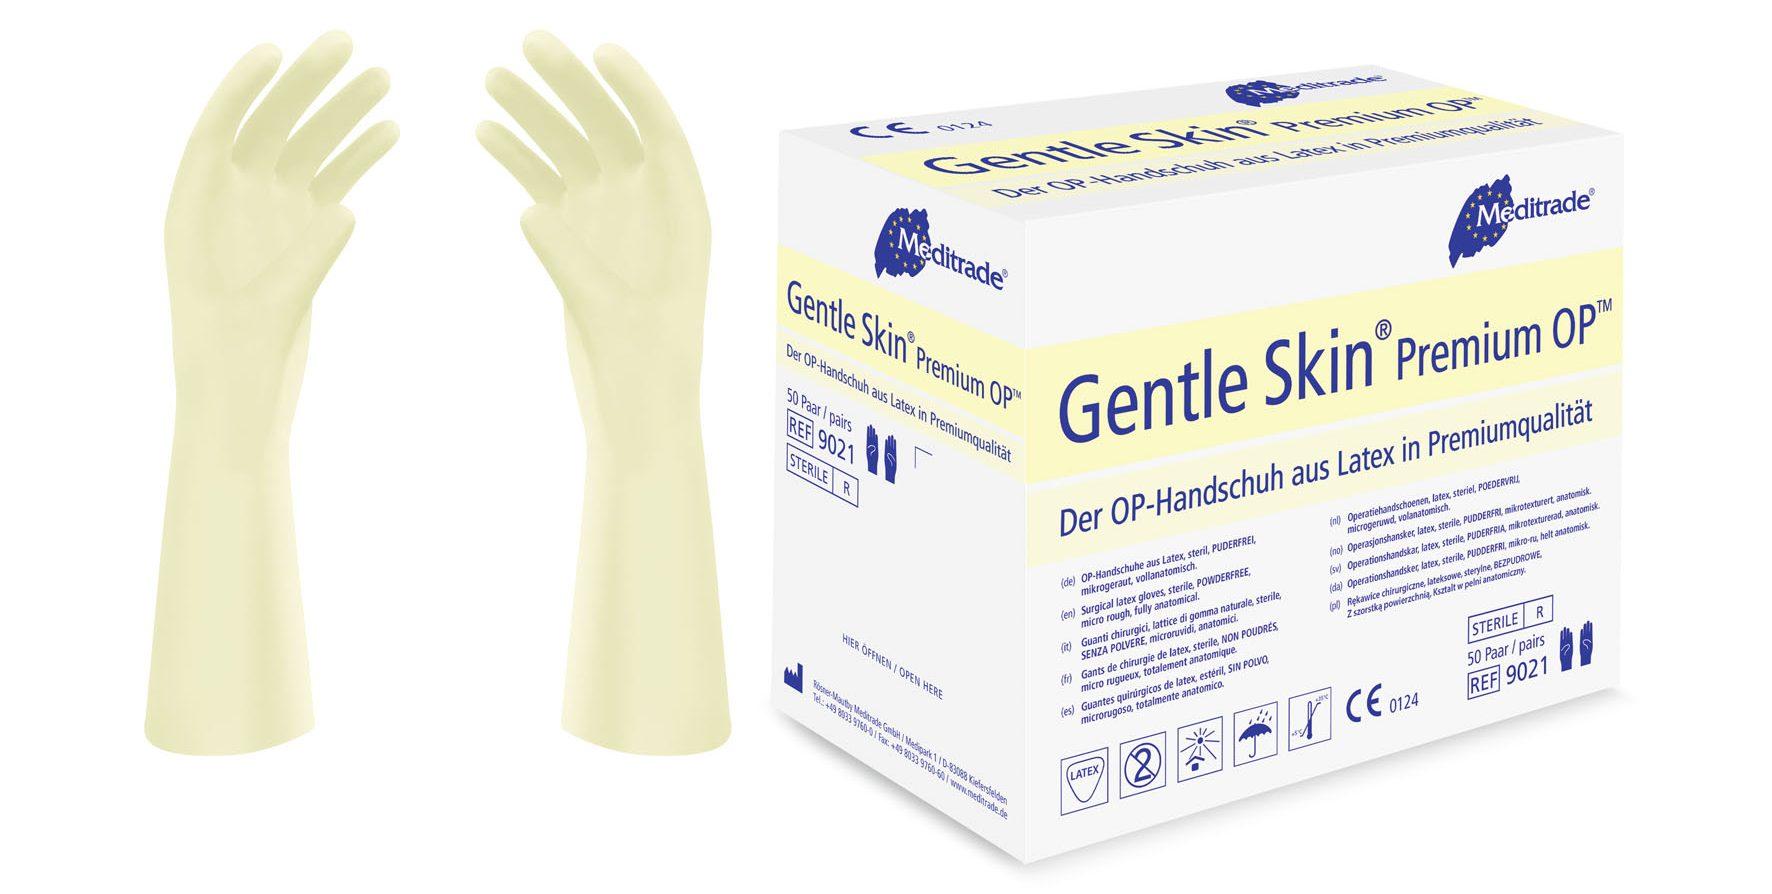 Gentle Skin® Premium OP™, Handschuhe aus Latex